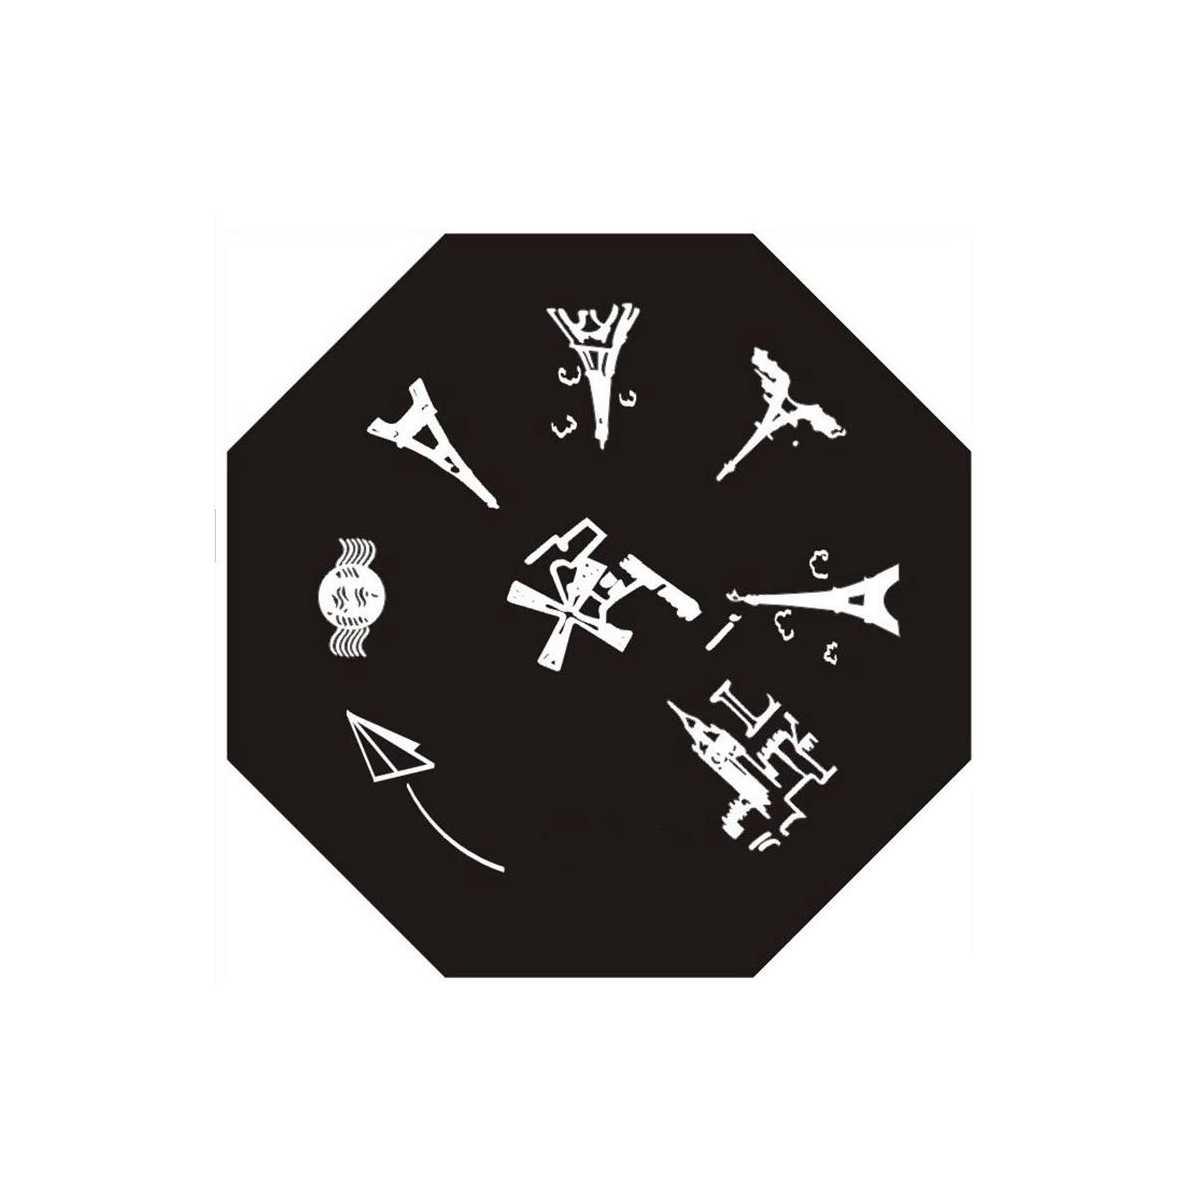 https://www.kit-manucure.com/496-thickbox_default/plaque-de-stamping-paris-et-tour-eiffel.jpg